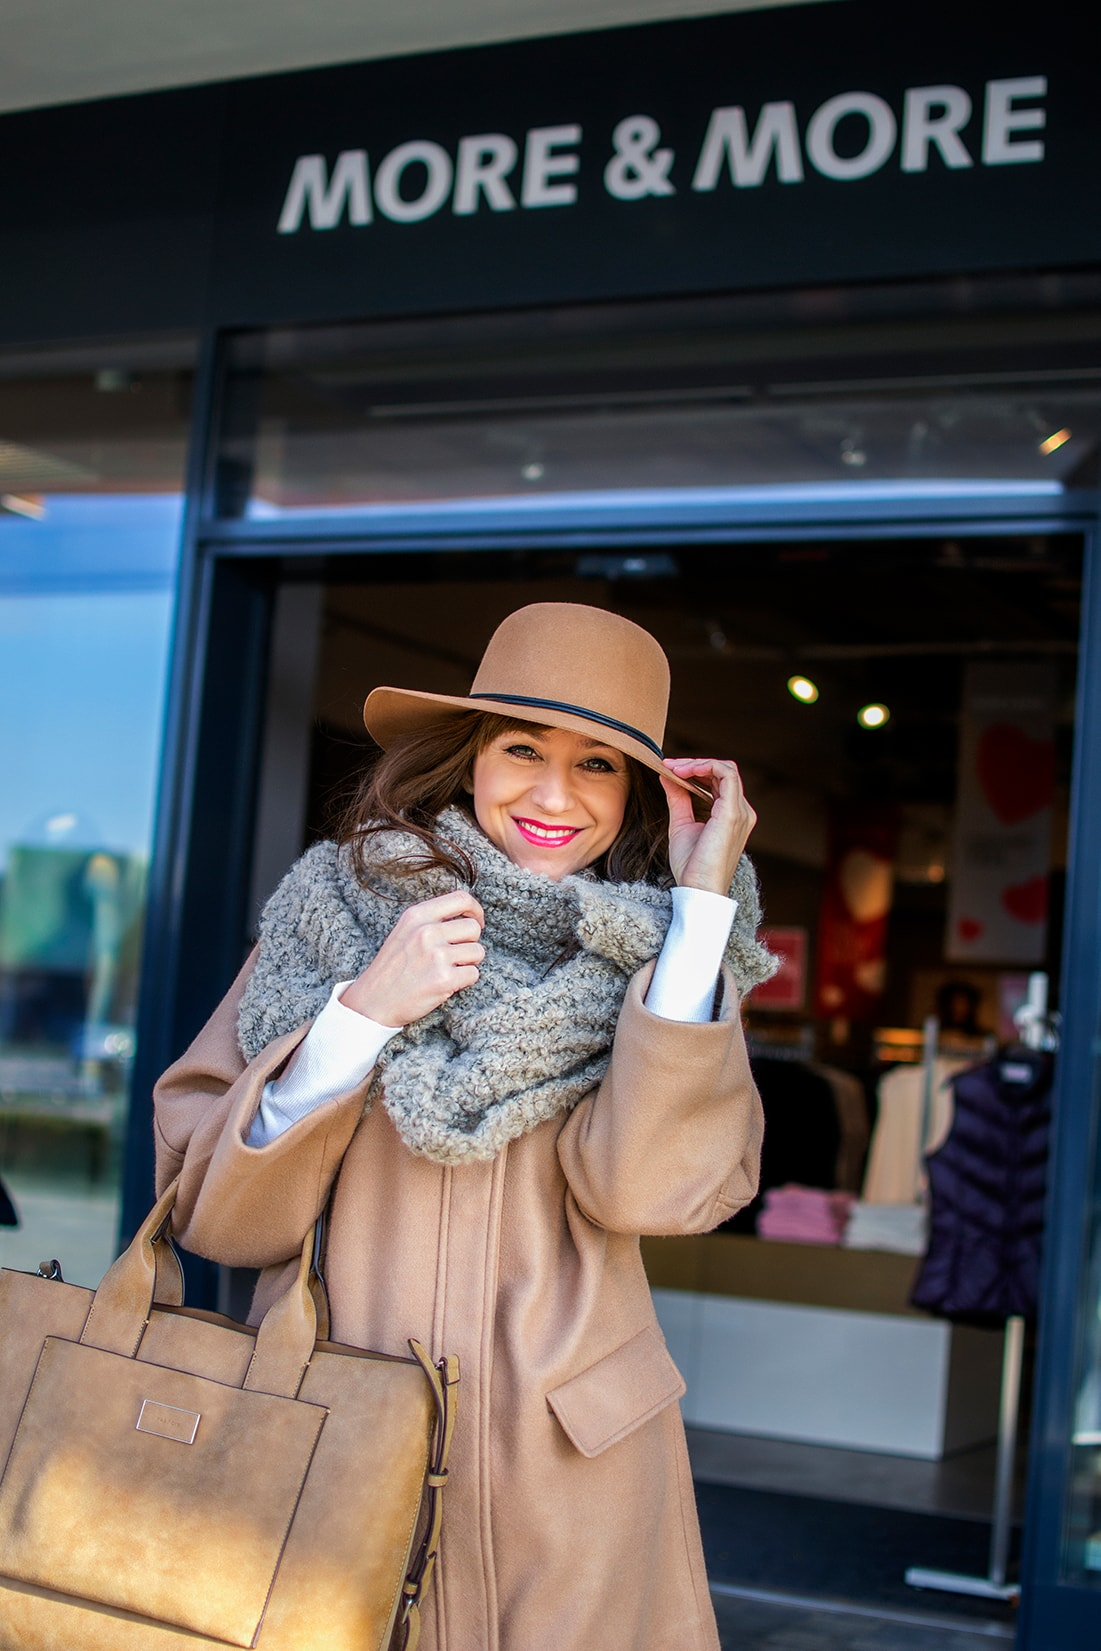 NADKOLENNÉ ČIŽMY. POTREBUJEŠ POČUŤ EŠTE VIAC?_Katharine-fashion is beautiful_blog 3_Béžový kabát Mango_Béžová kabelka Parfois_Béžové čižmy_Katarína Jakubčová_Fashion blogerka